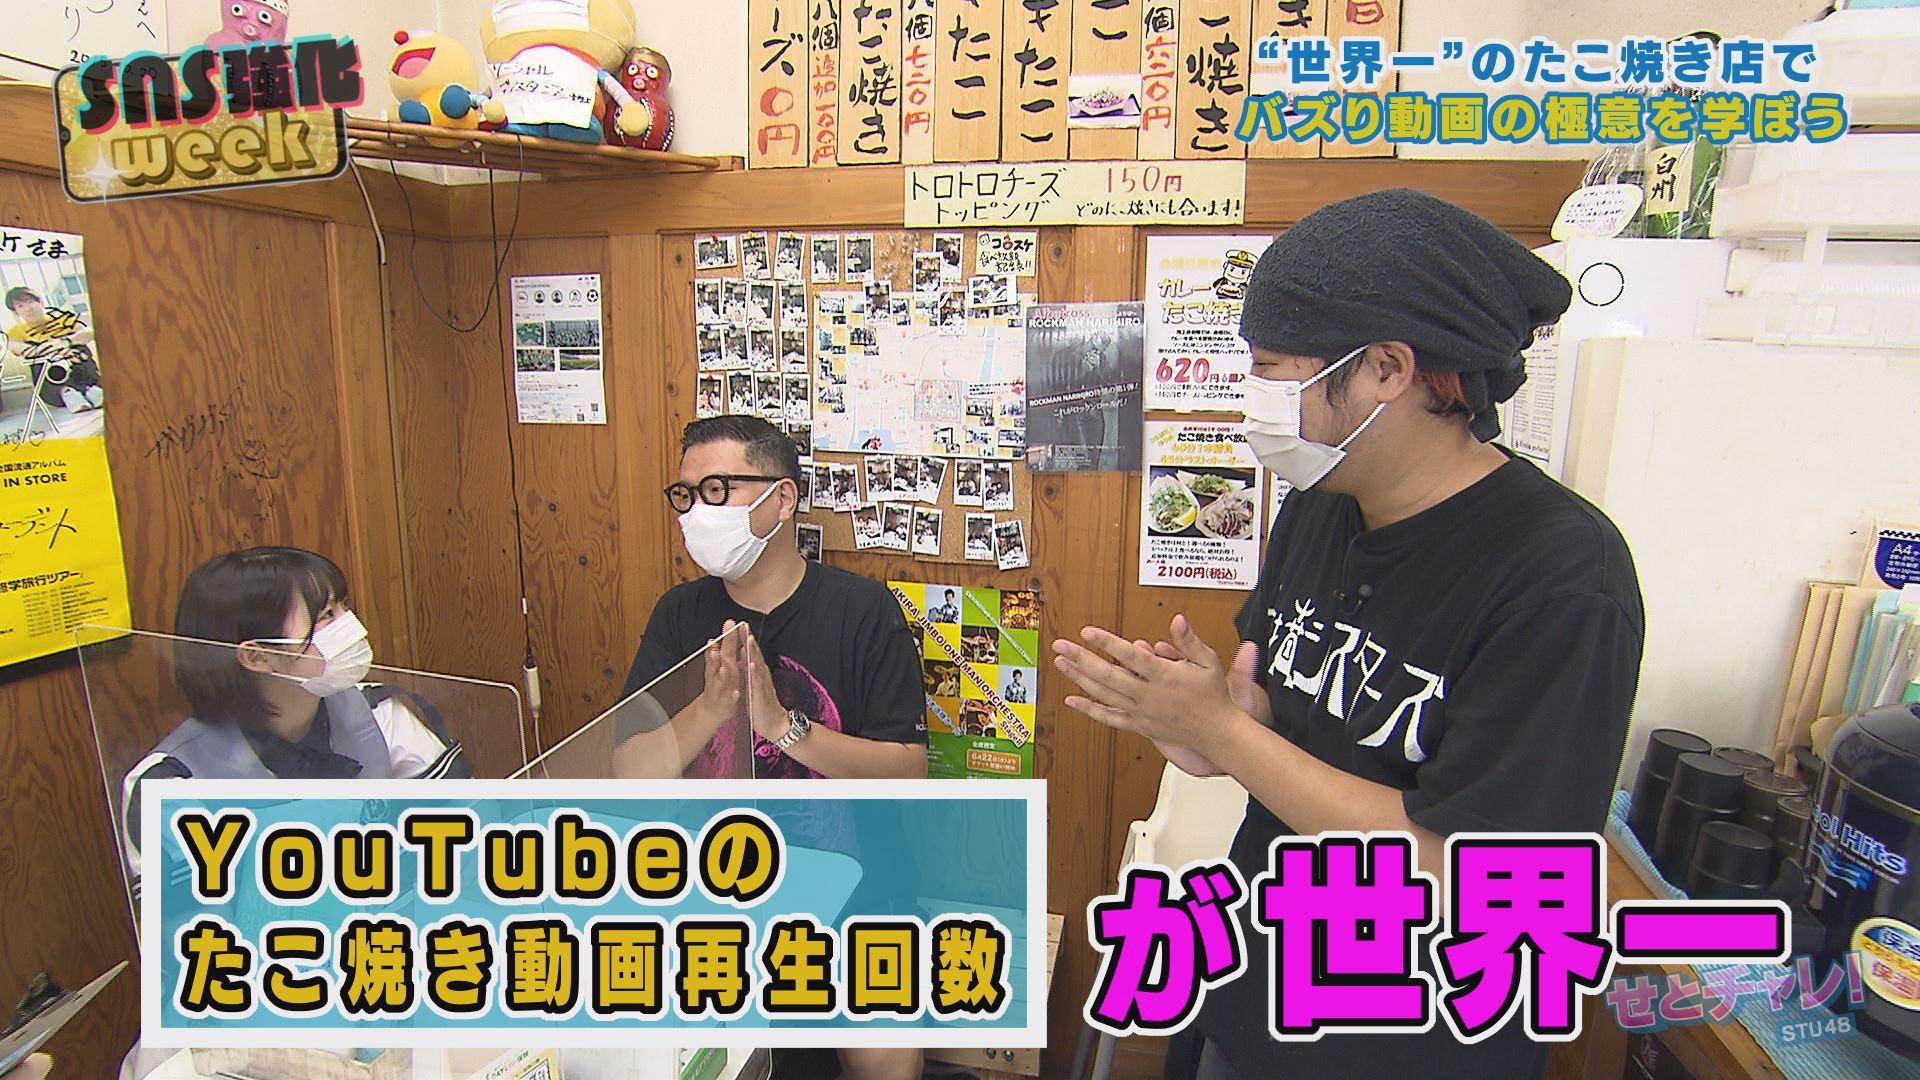 広島県呉市のたこ焼き店は「たこ焼き動画再生回数世界一!」